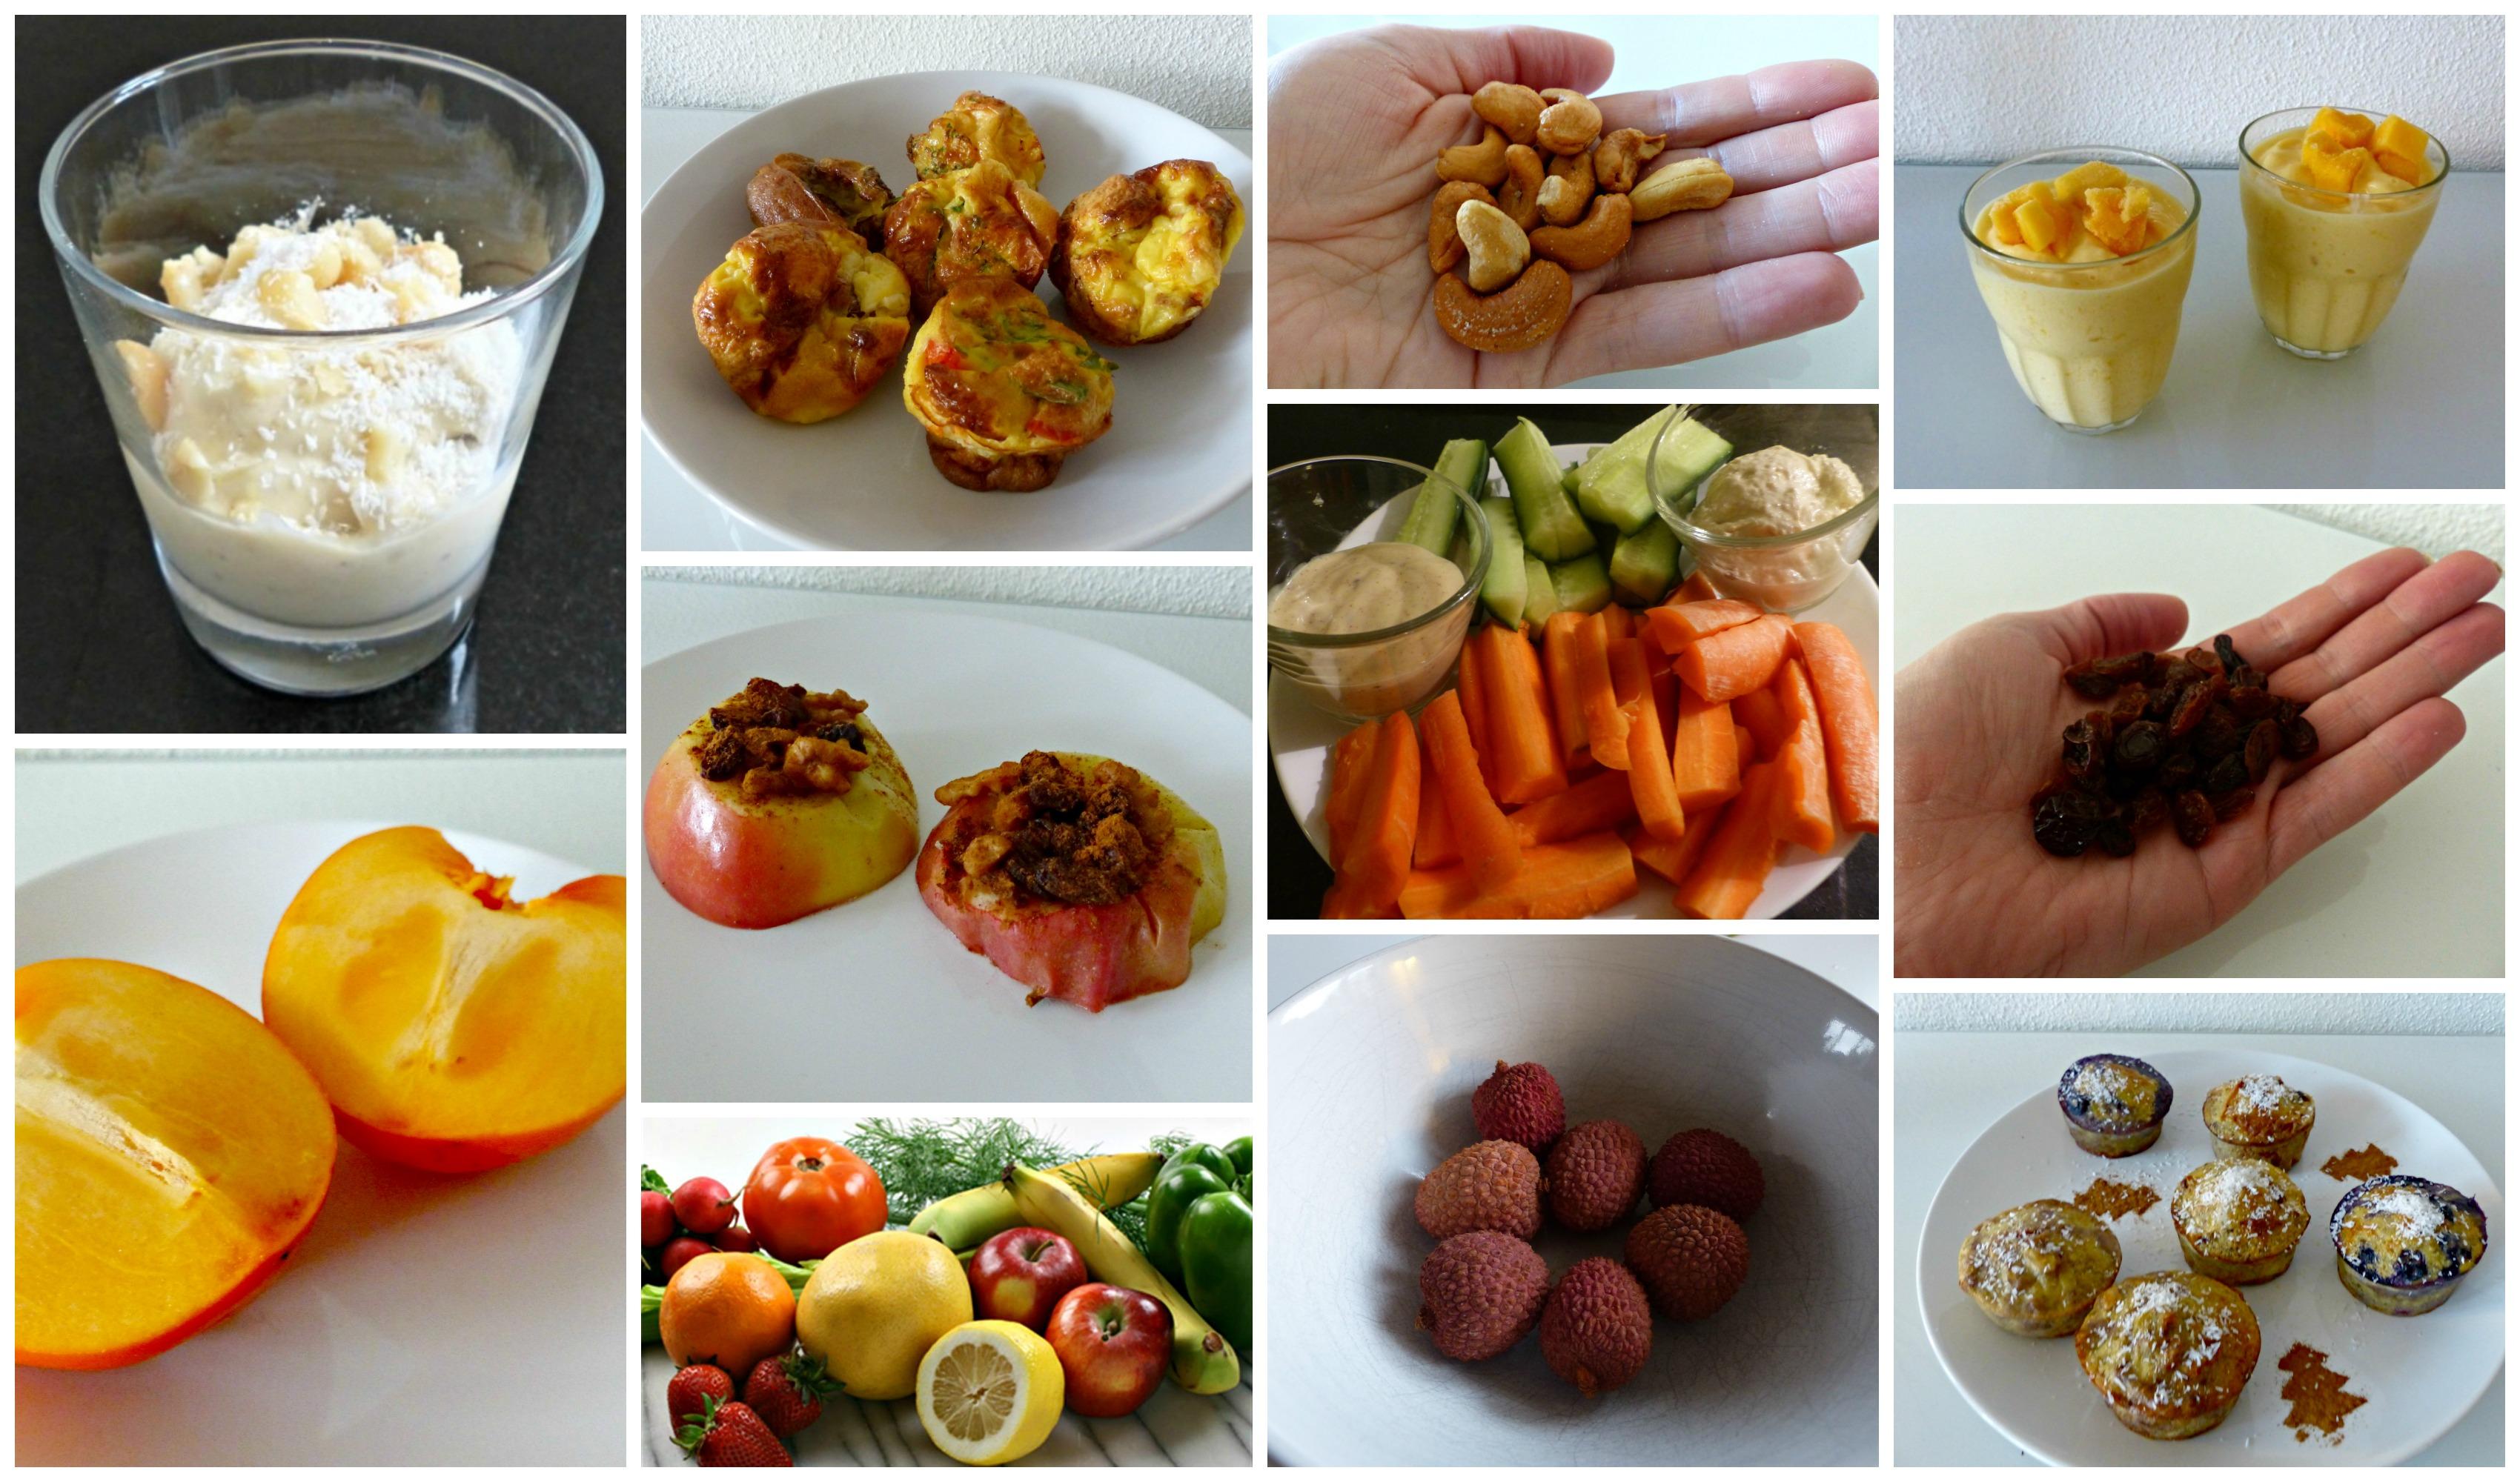 Voeding challenge 4 gezonde tussendoortjes overdag optima vita - Snack eten ...